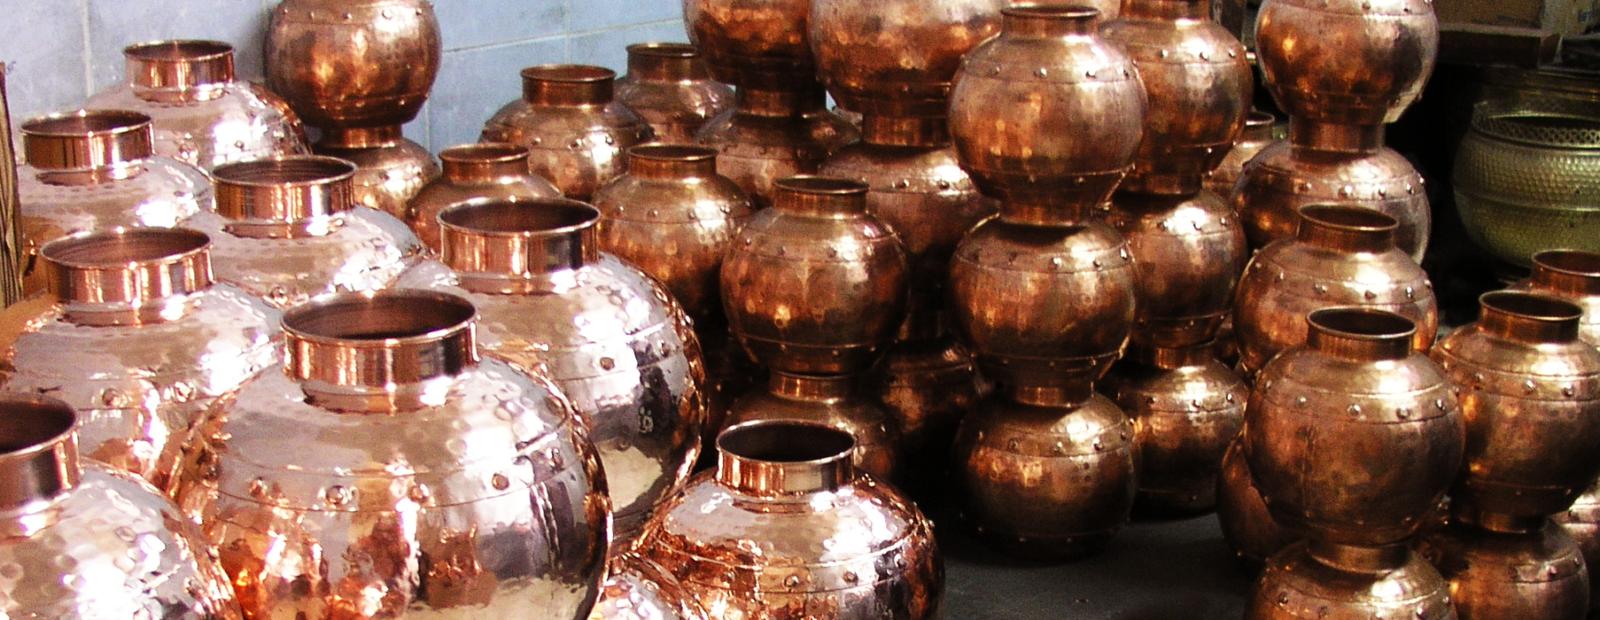 Alambiques tradicionais em cobre